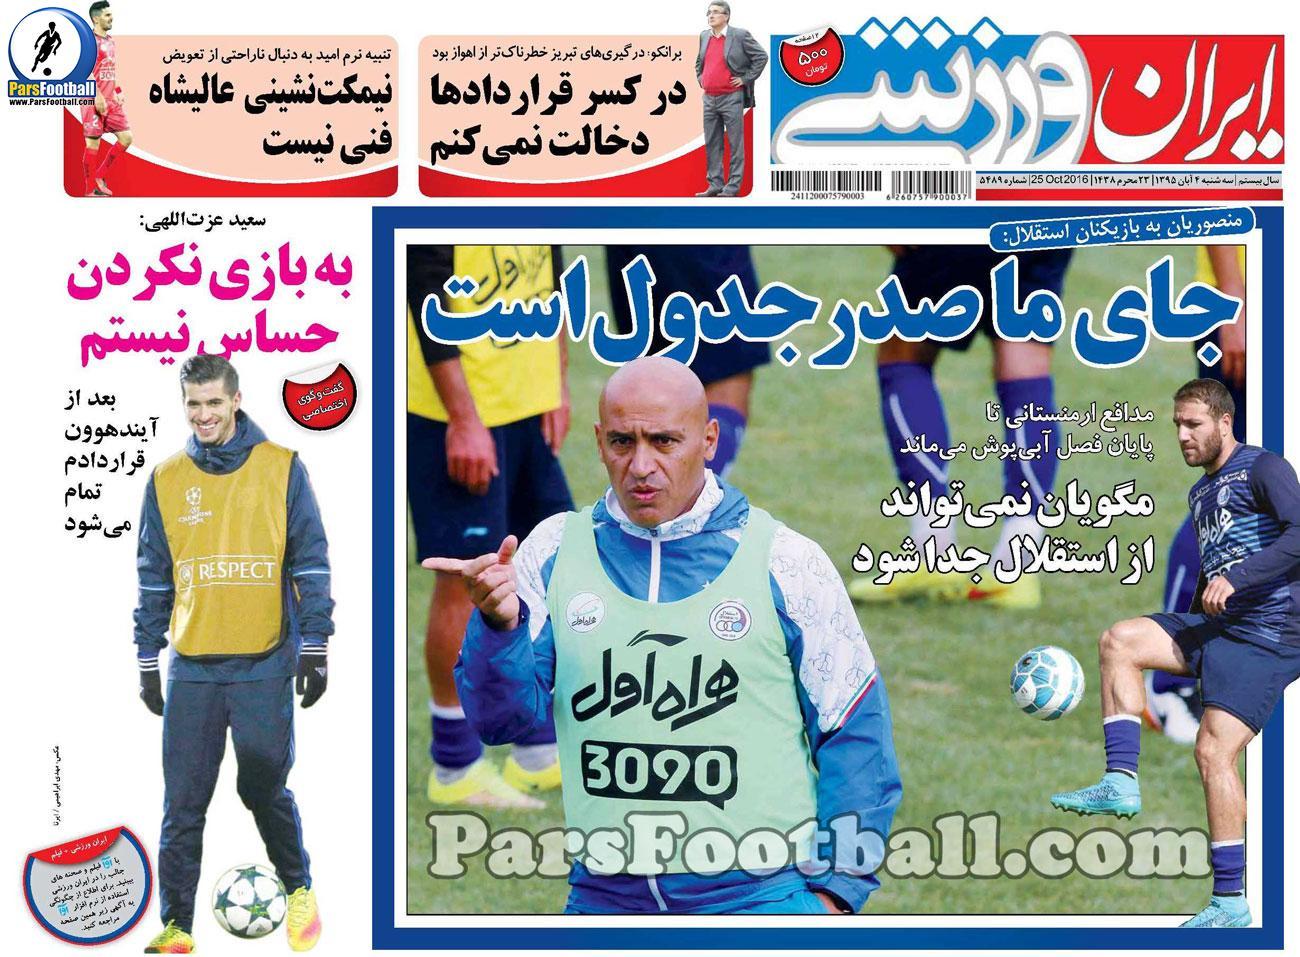 روزنامه ایران ورزشی سه شنبه 4 آبان 95